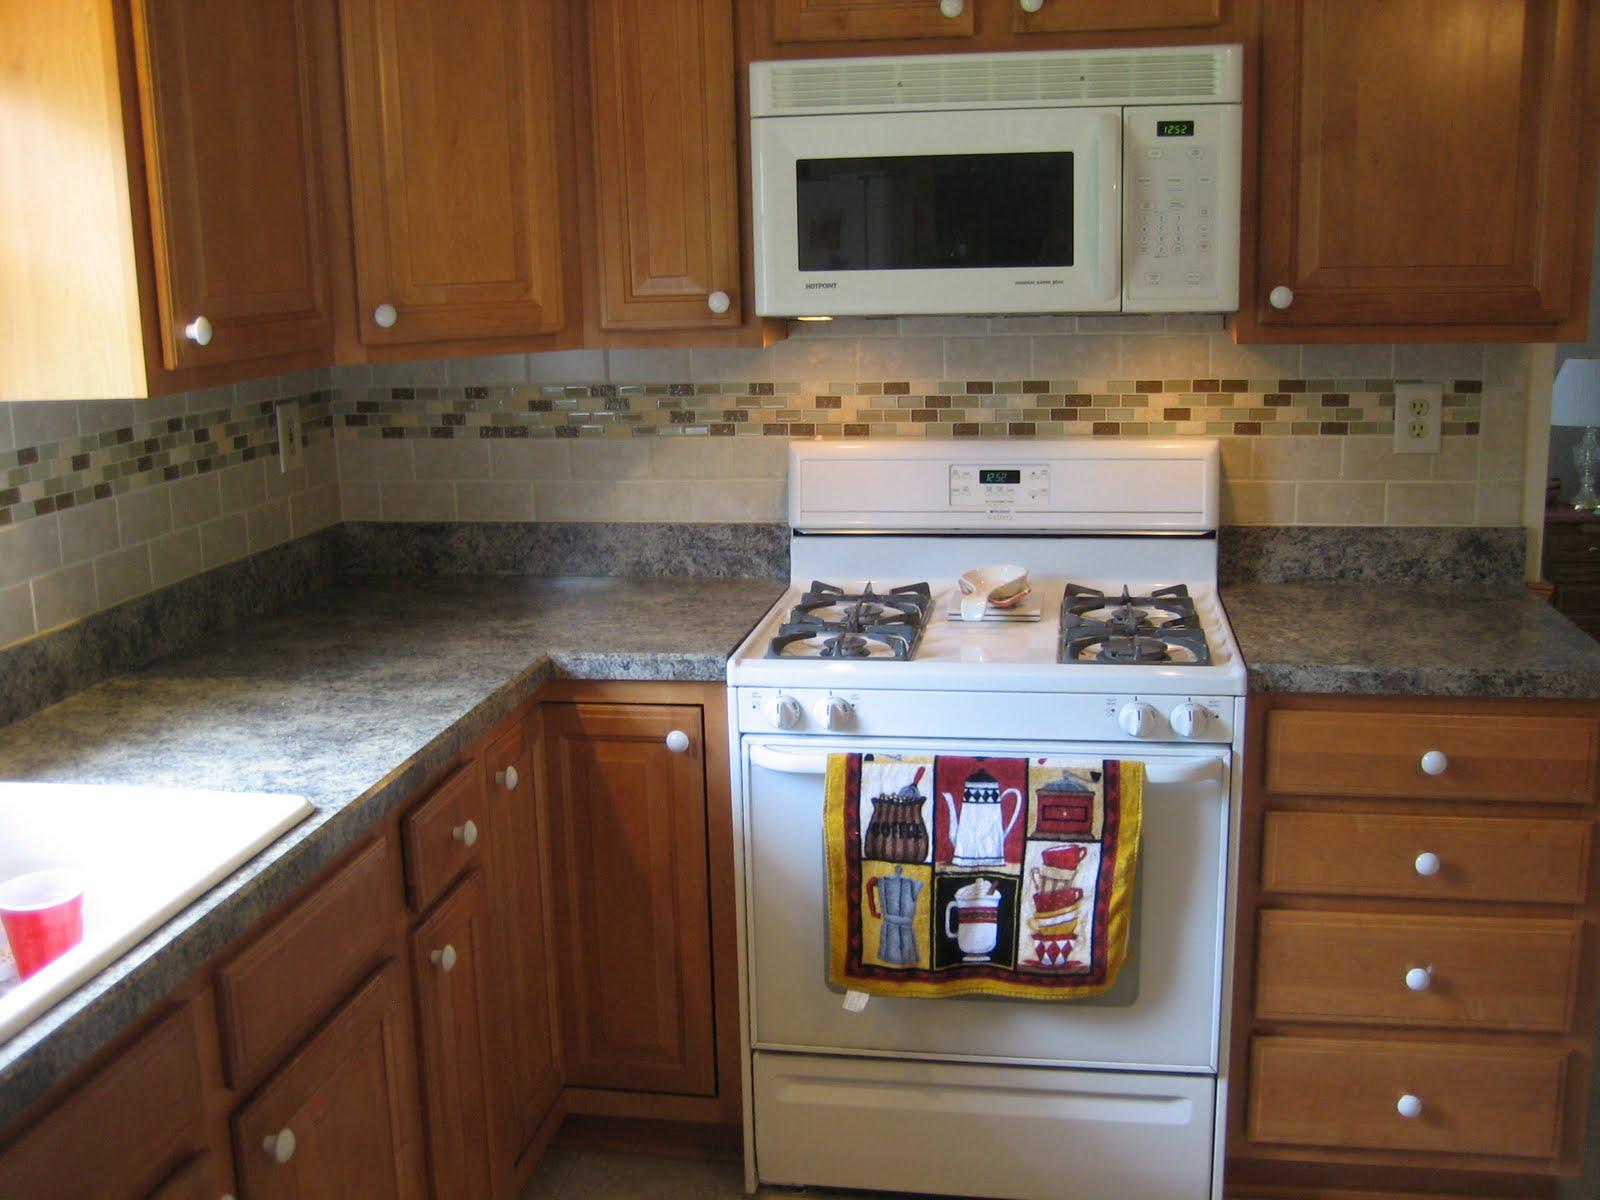 Ceramic tile kitchen backsplash designs - Kitchen tile design ideas backsplash ...